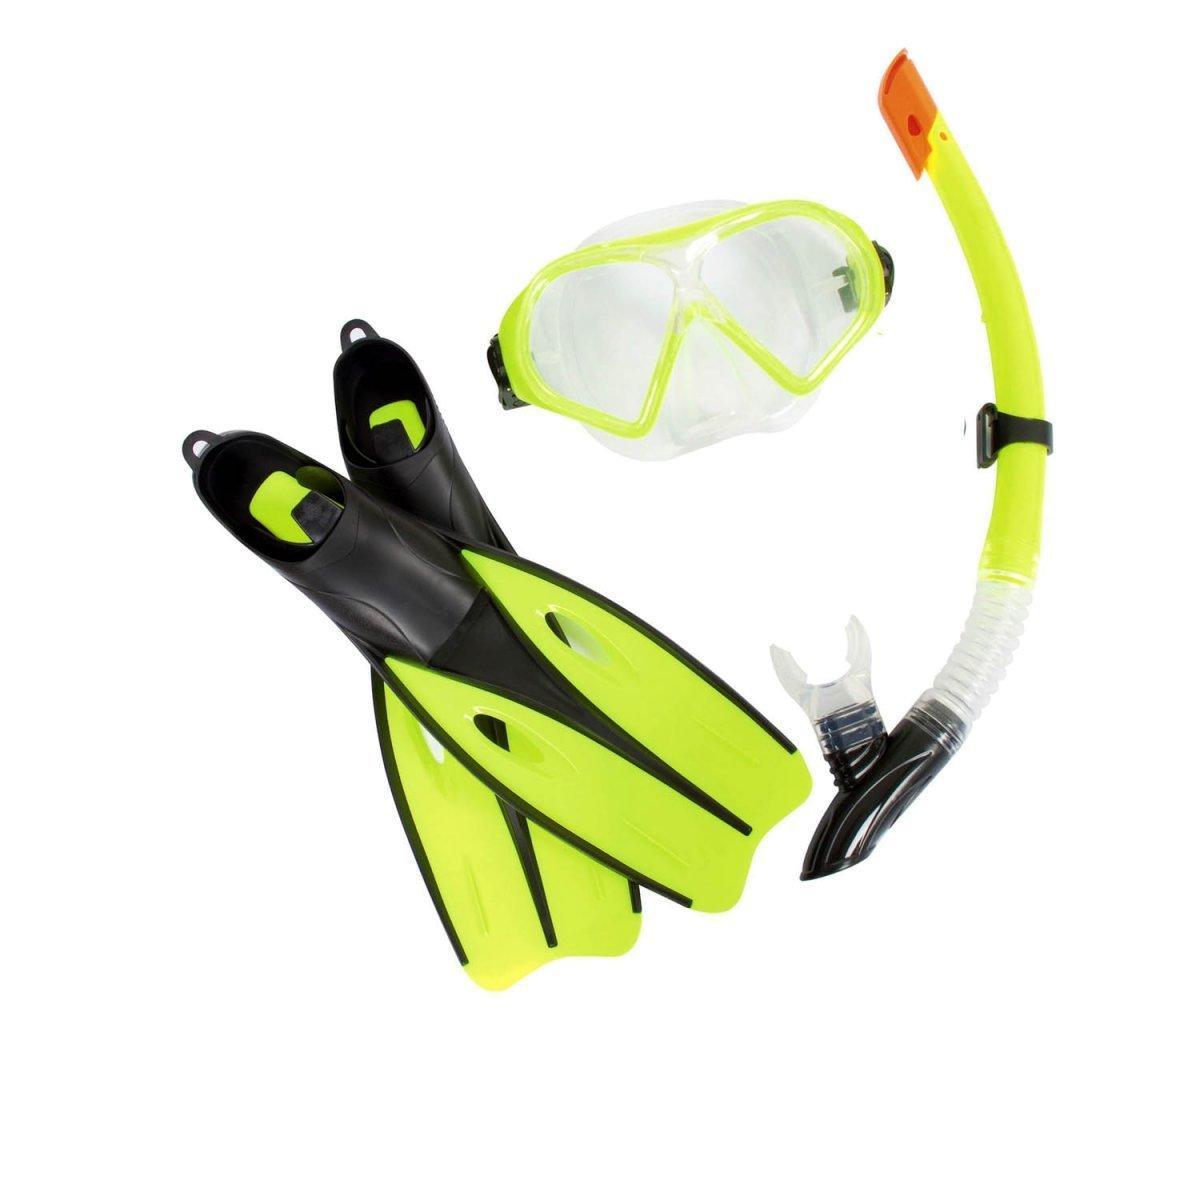 Набор 3 в 1 для плавания Bestway 25021 (маска: размер M, (6+), обхват головы ≈ 52 см, трубка, ласты: размер L, 37 (EU), под стопу ≈ 24 см), зеленый